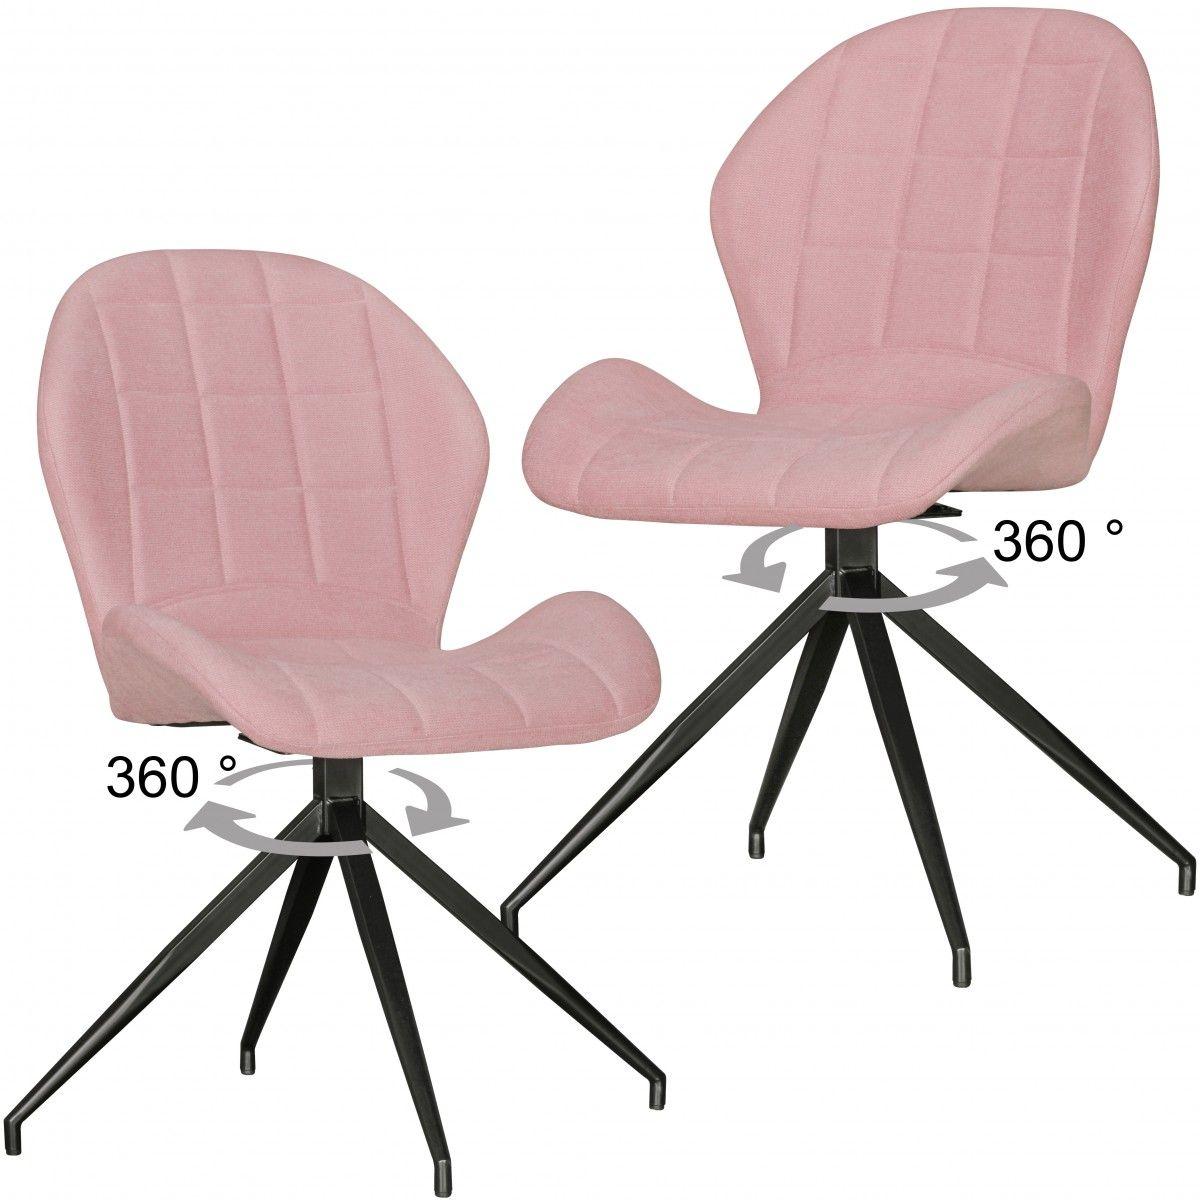 Stühle 2er Set YUKI in Vintage-rot gepolstert   Deckenleuchten im ...